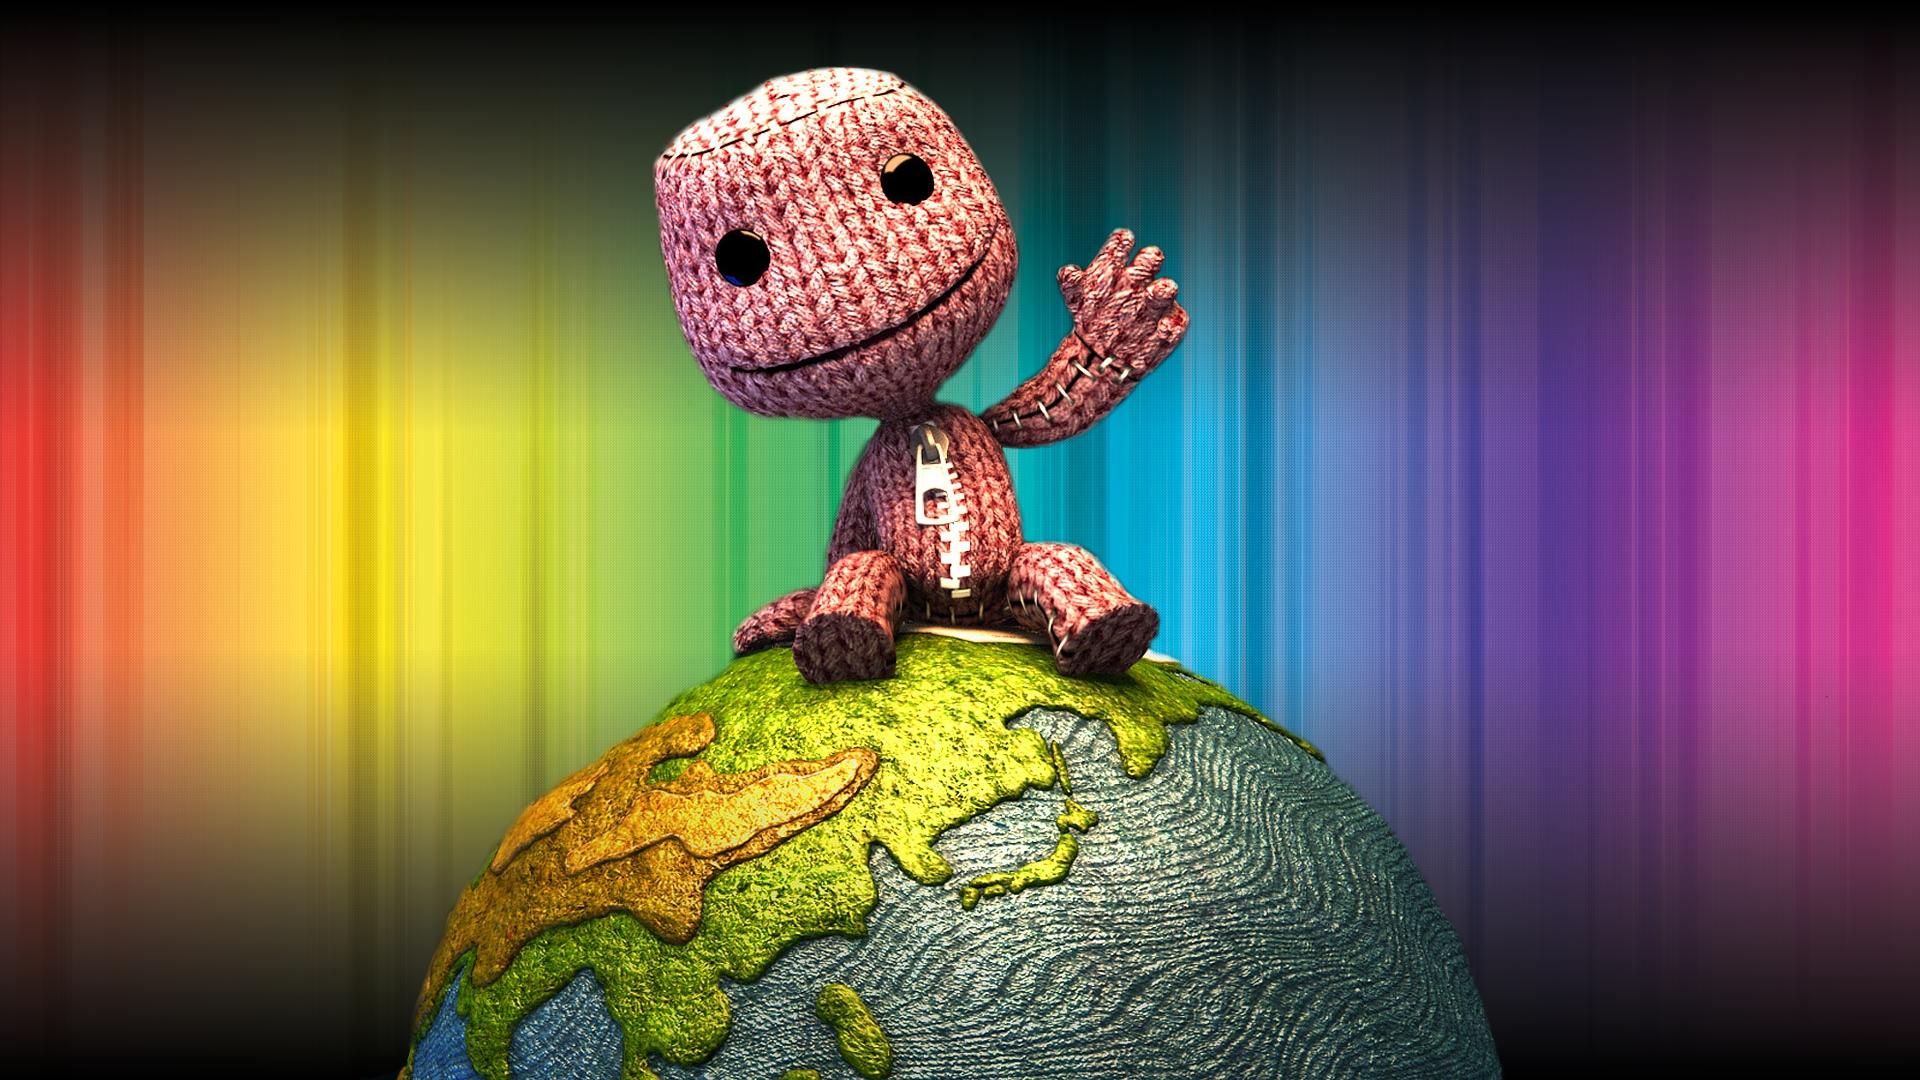 графика игры The Little Big Planet graphics game  № 1878061 загрузить